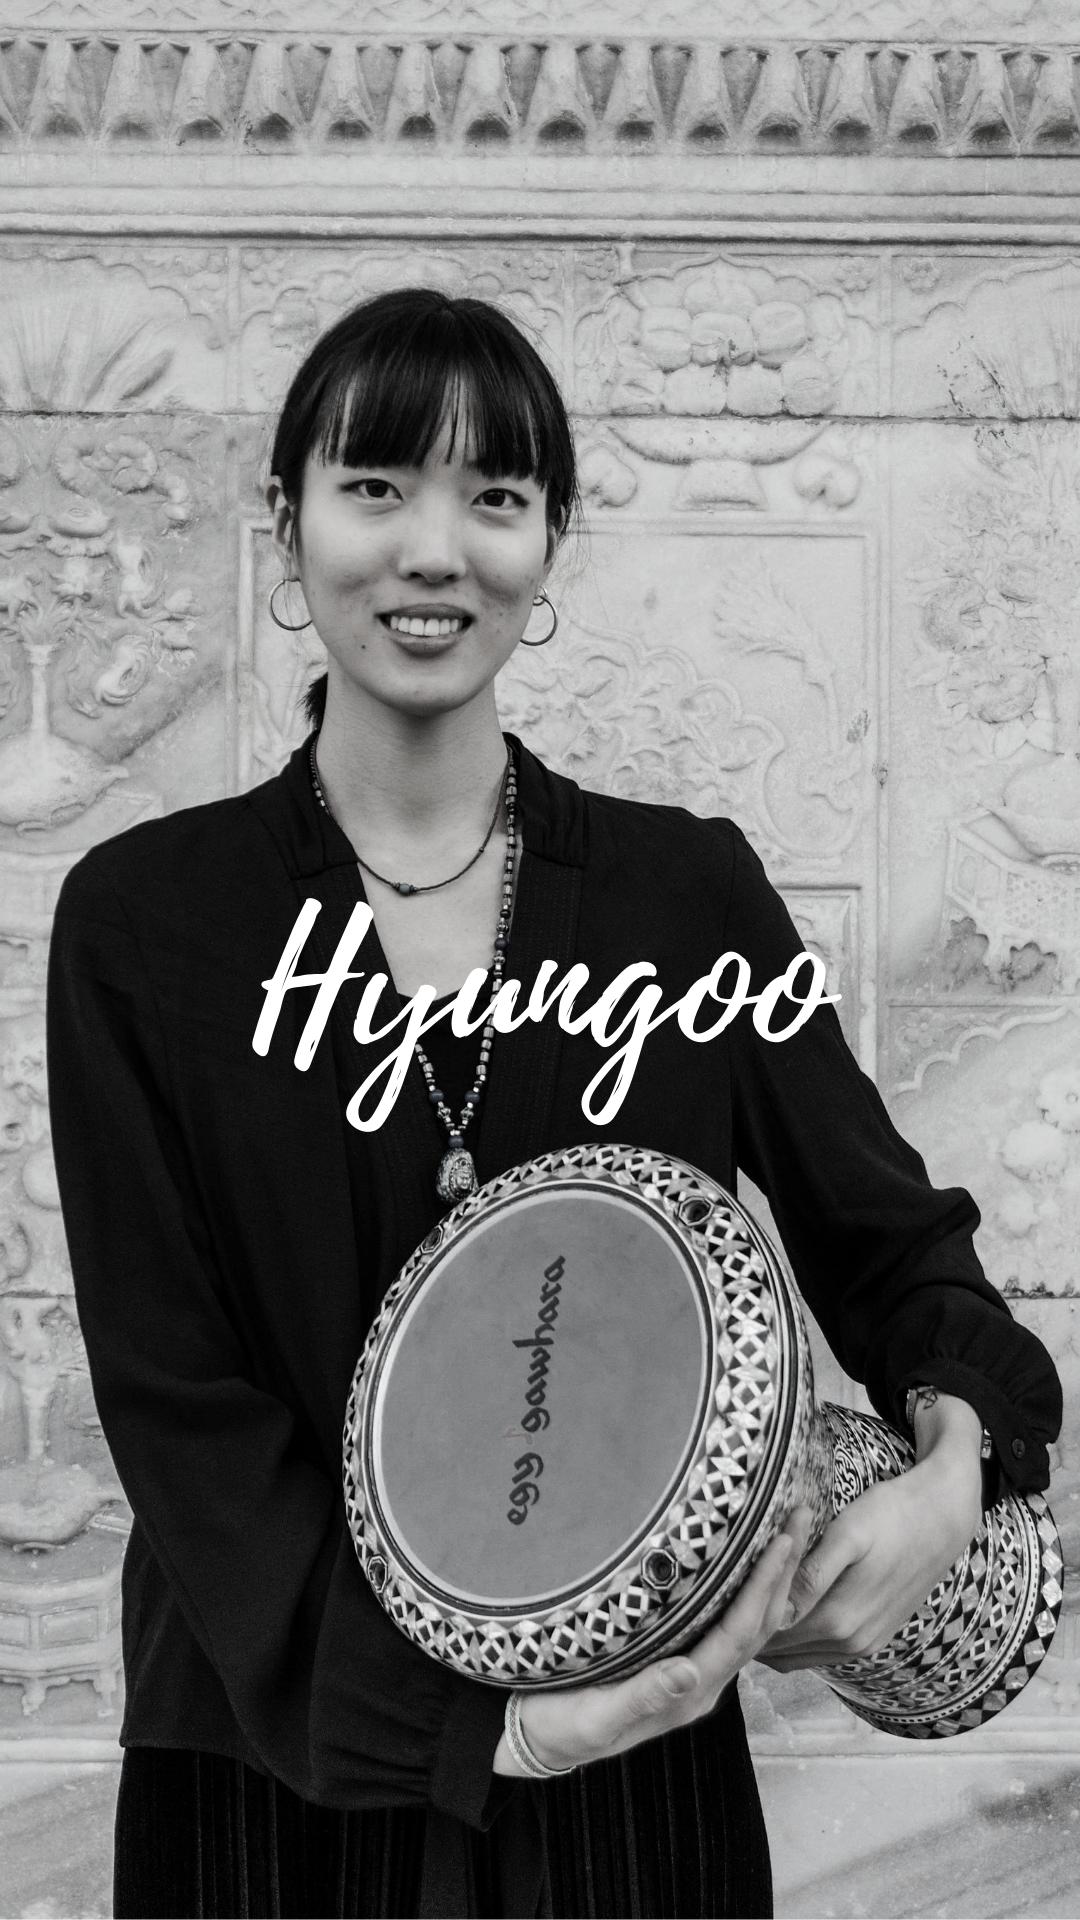 Hyungoo Bio